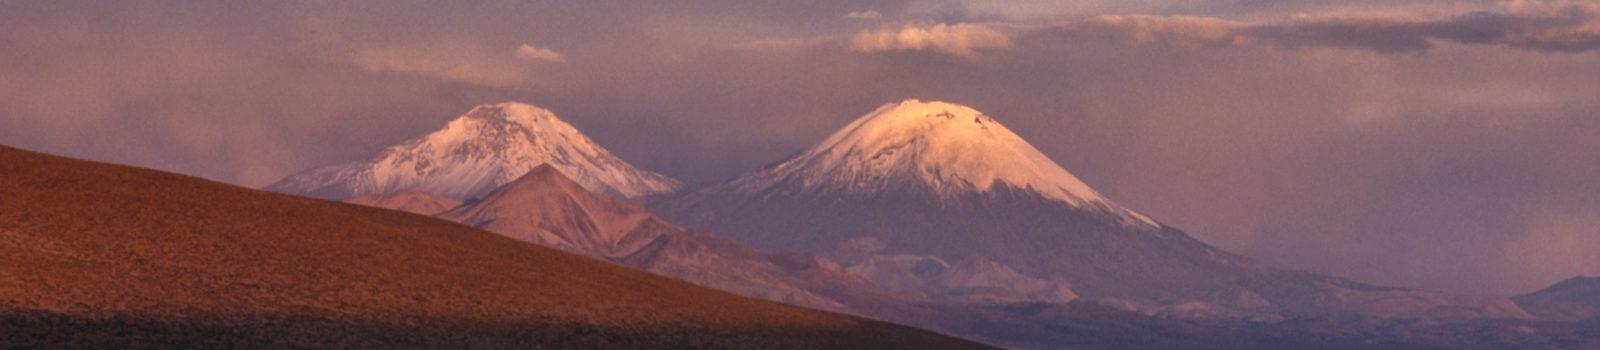 Fotoalbum Chile